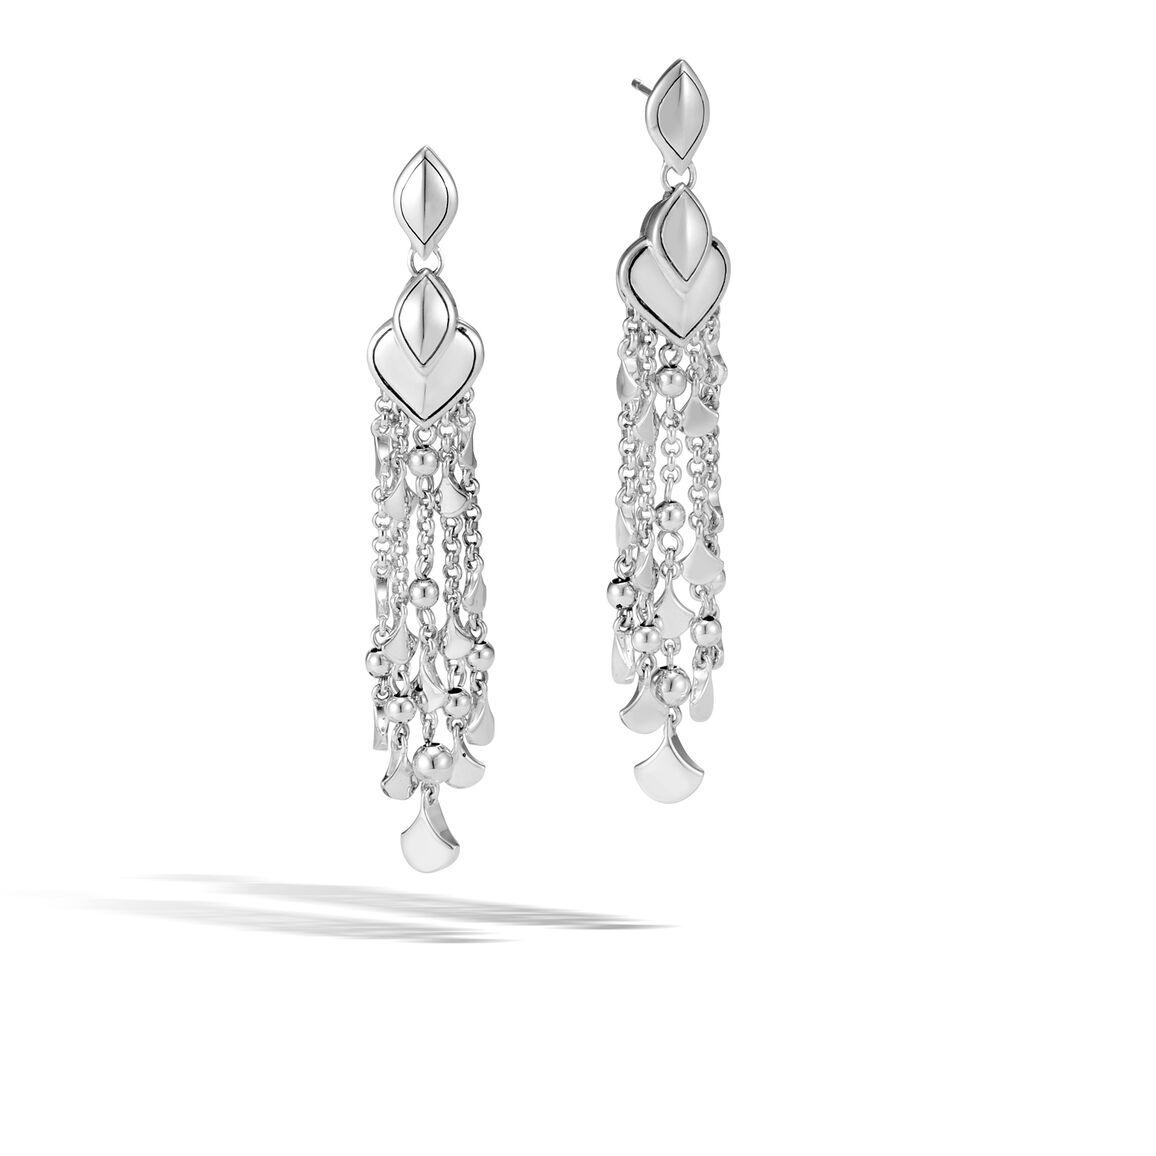 Legends Naga Chandelier Earring in Silver